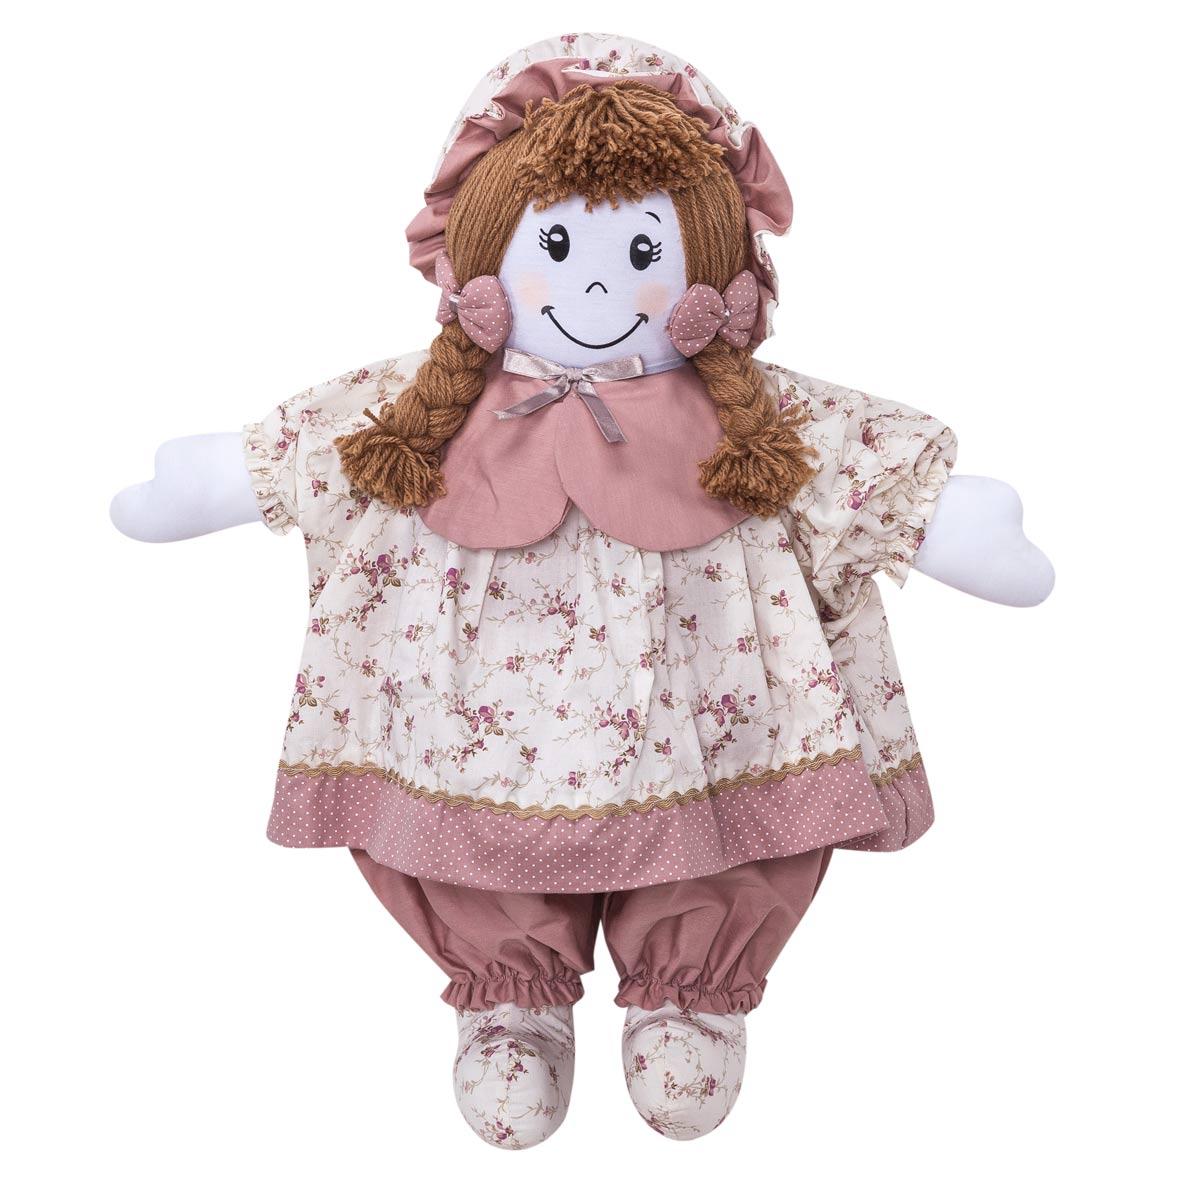 Boneca decorativa para Quarto Bebê - Coleção Nina Camponesa